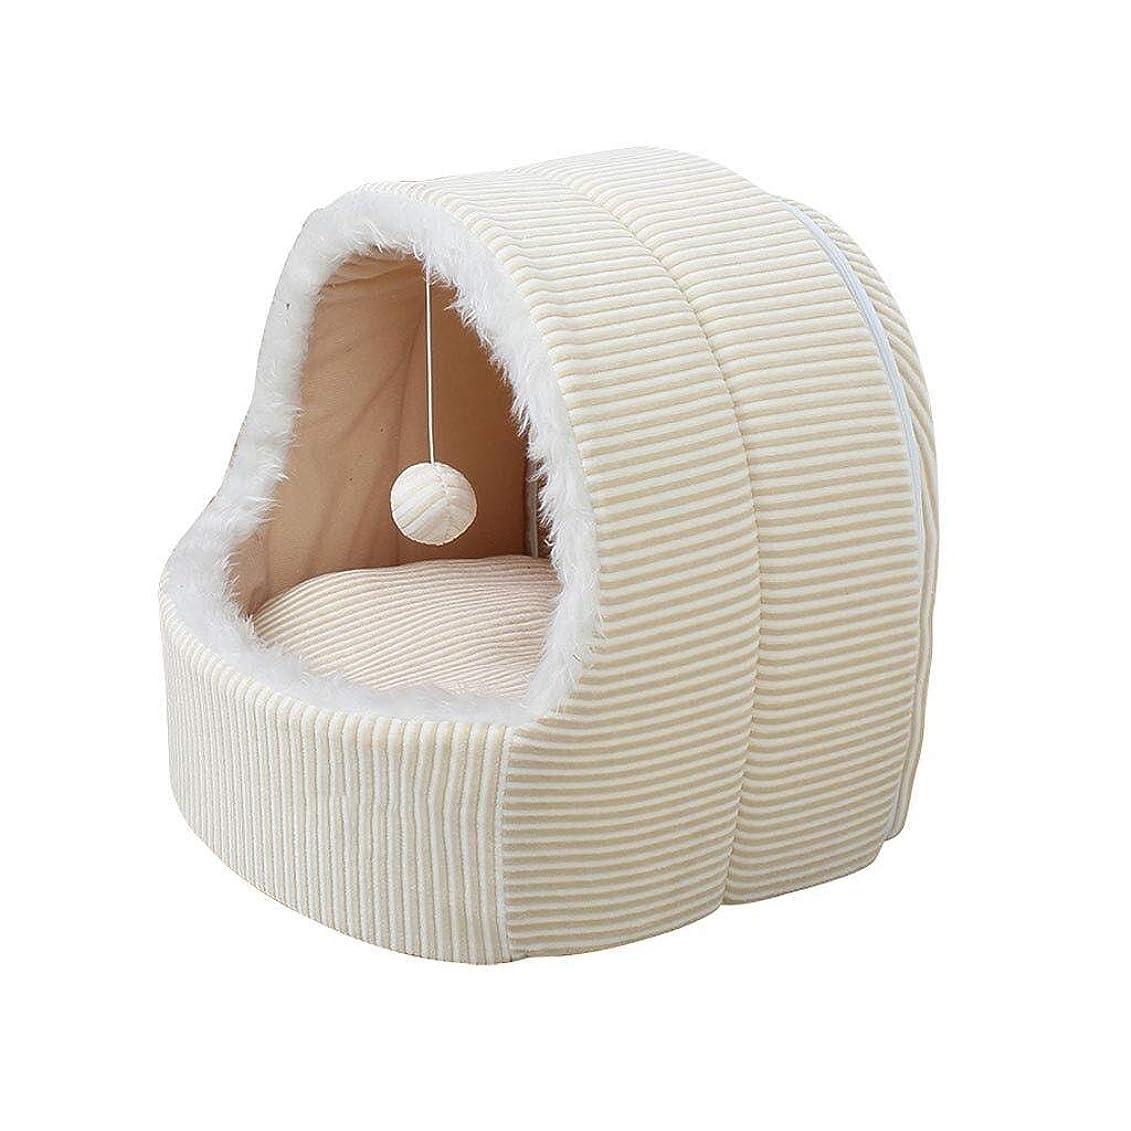 パキスタン人サージのスコア青島 ペット用ベッド犬用ベッドキャットパッドペットクッション猫用トイレタリー、白かわいい洞窟快適な猫のバスケット子犬四季普遍的な洗える(サイズ:48センチメートル) 青島